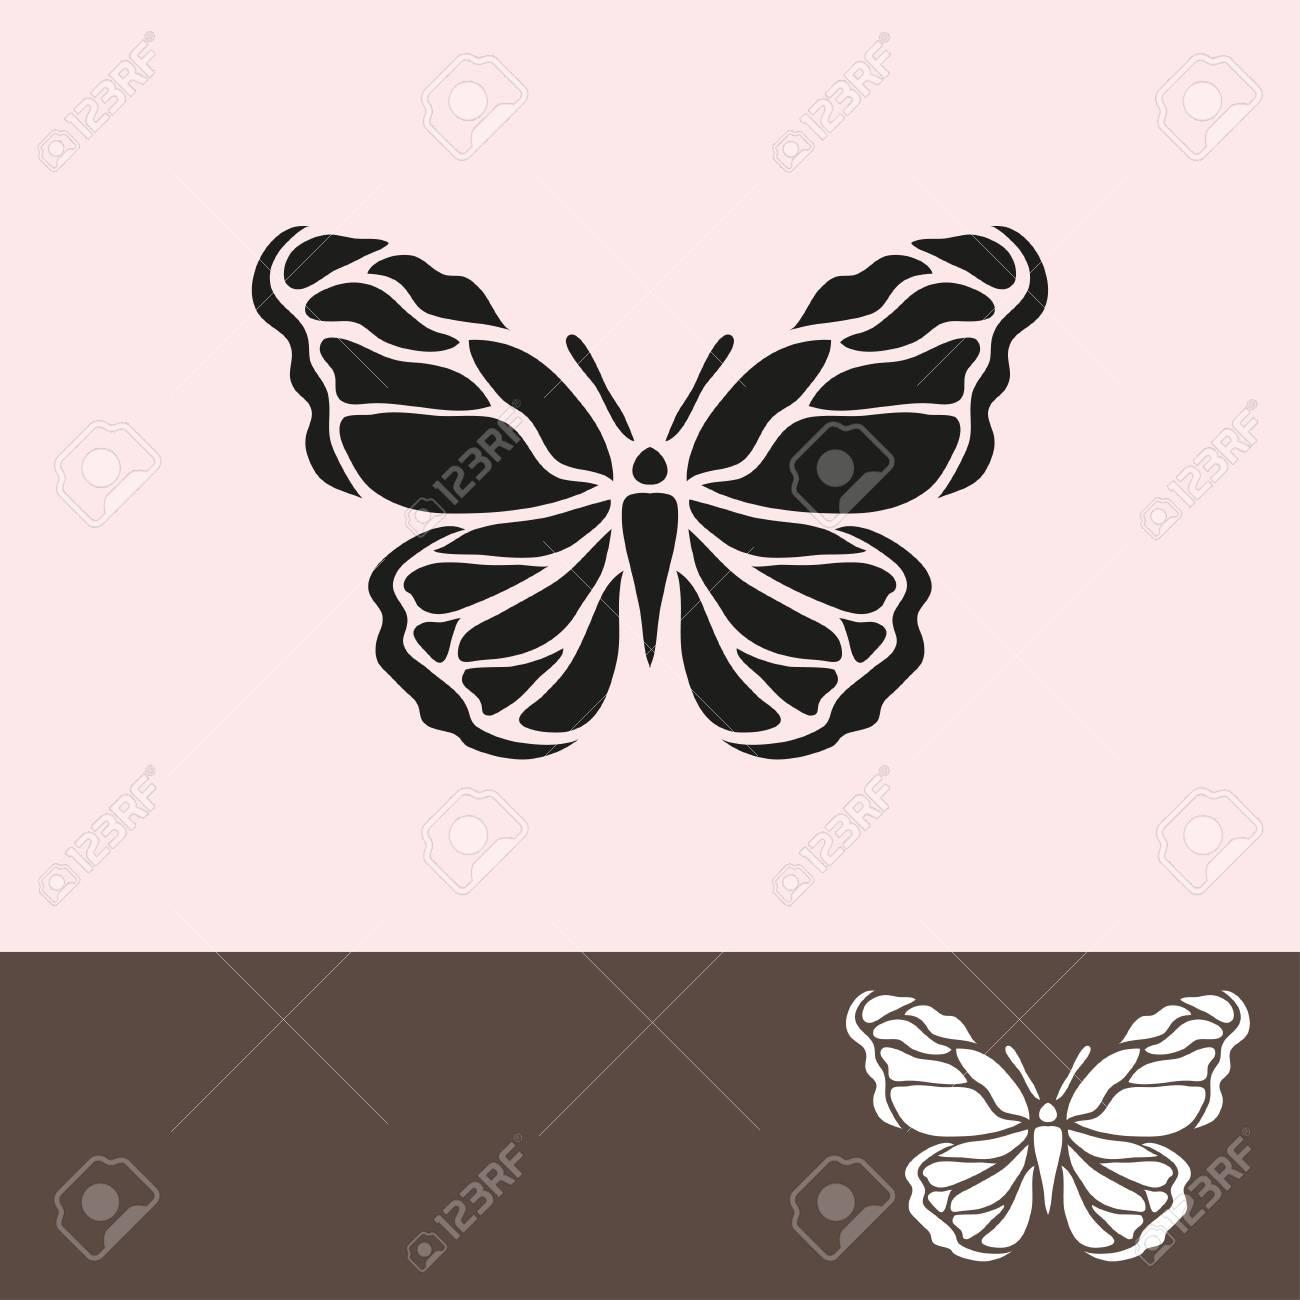 Symbole De Papillon Abstrait, Élément De Design. Peut Être Utilisé Pour Des  Invitations, Cartes De Voeux, Scrapbooking, D'impression, Les Étiquettes, destiné Etiquette Papillon A Imprimer